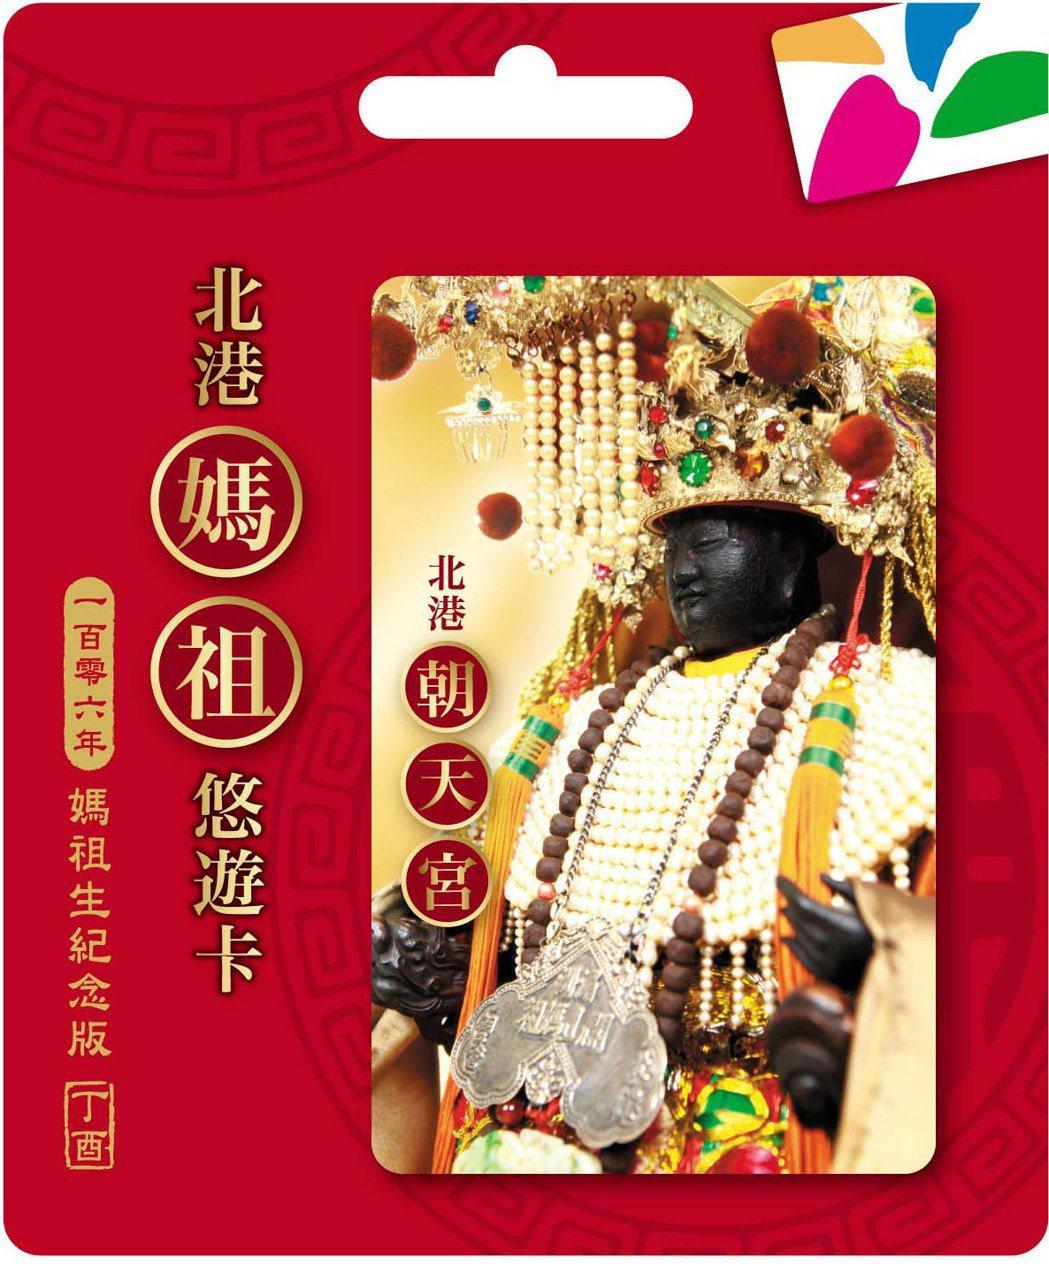 悠遊卡公司推出紀念版的「北港媽祖悠遊卡」